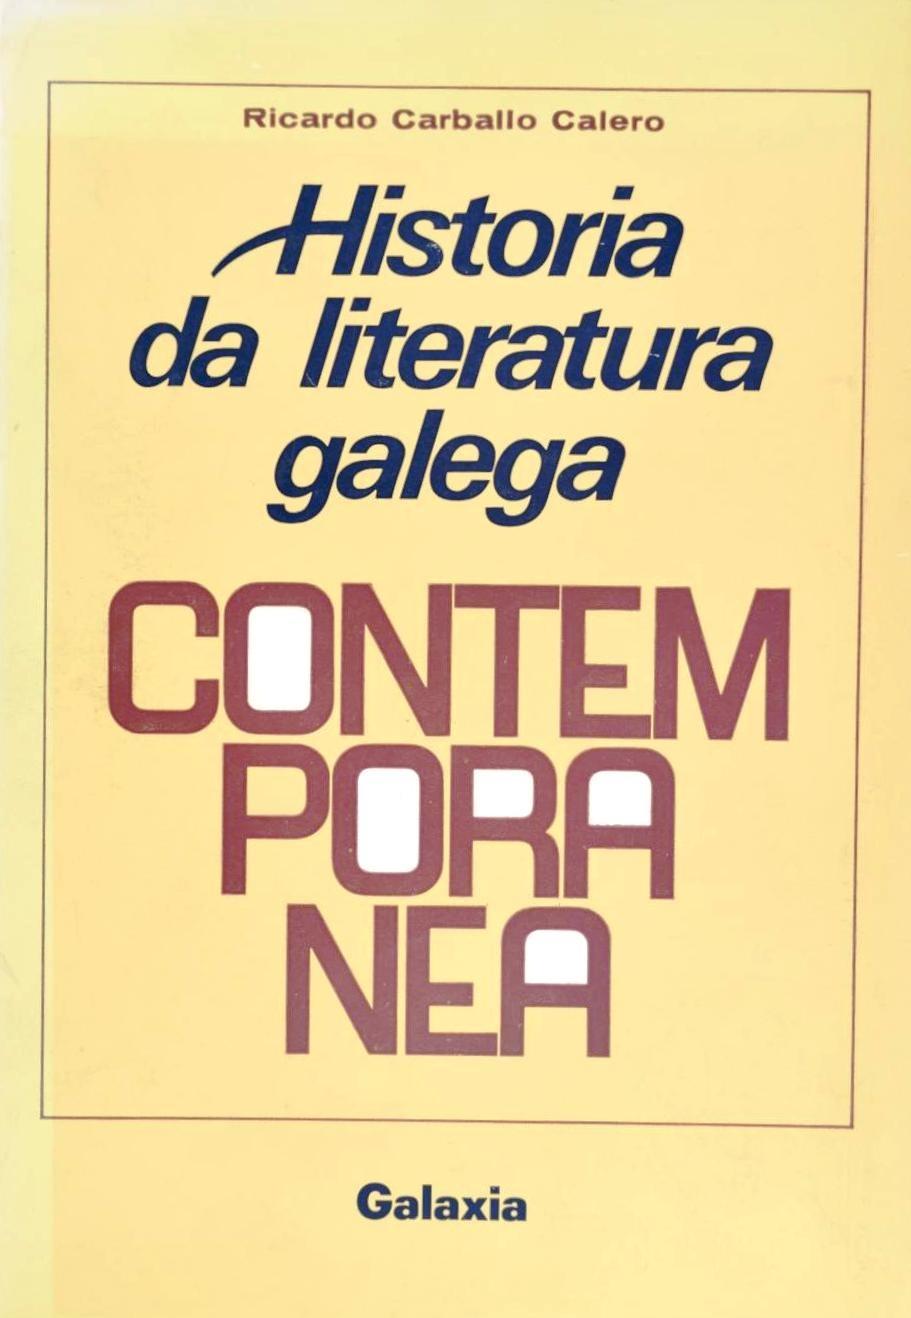 Historia da literatura galega contemporánea - Wikipedia, a ...